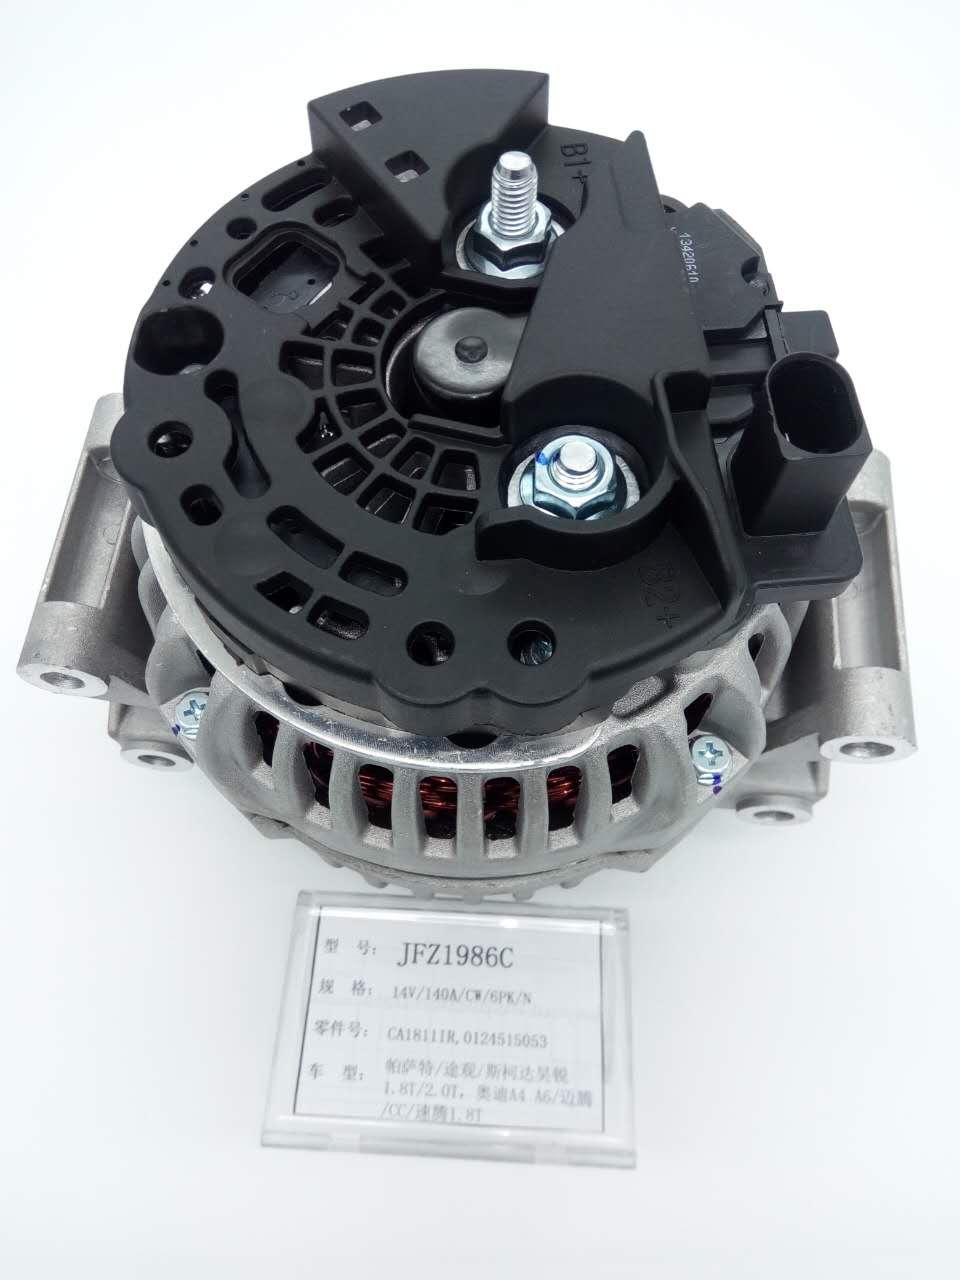 奧迪A4 1.8T A6C5 2.4 3.0L發電機ca1811ir 0124515053